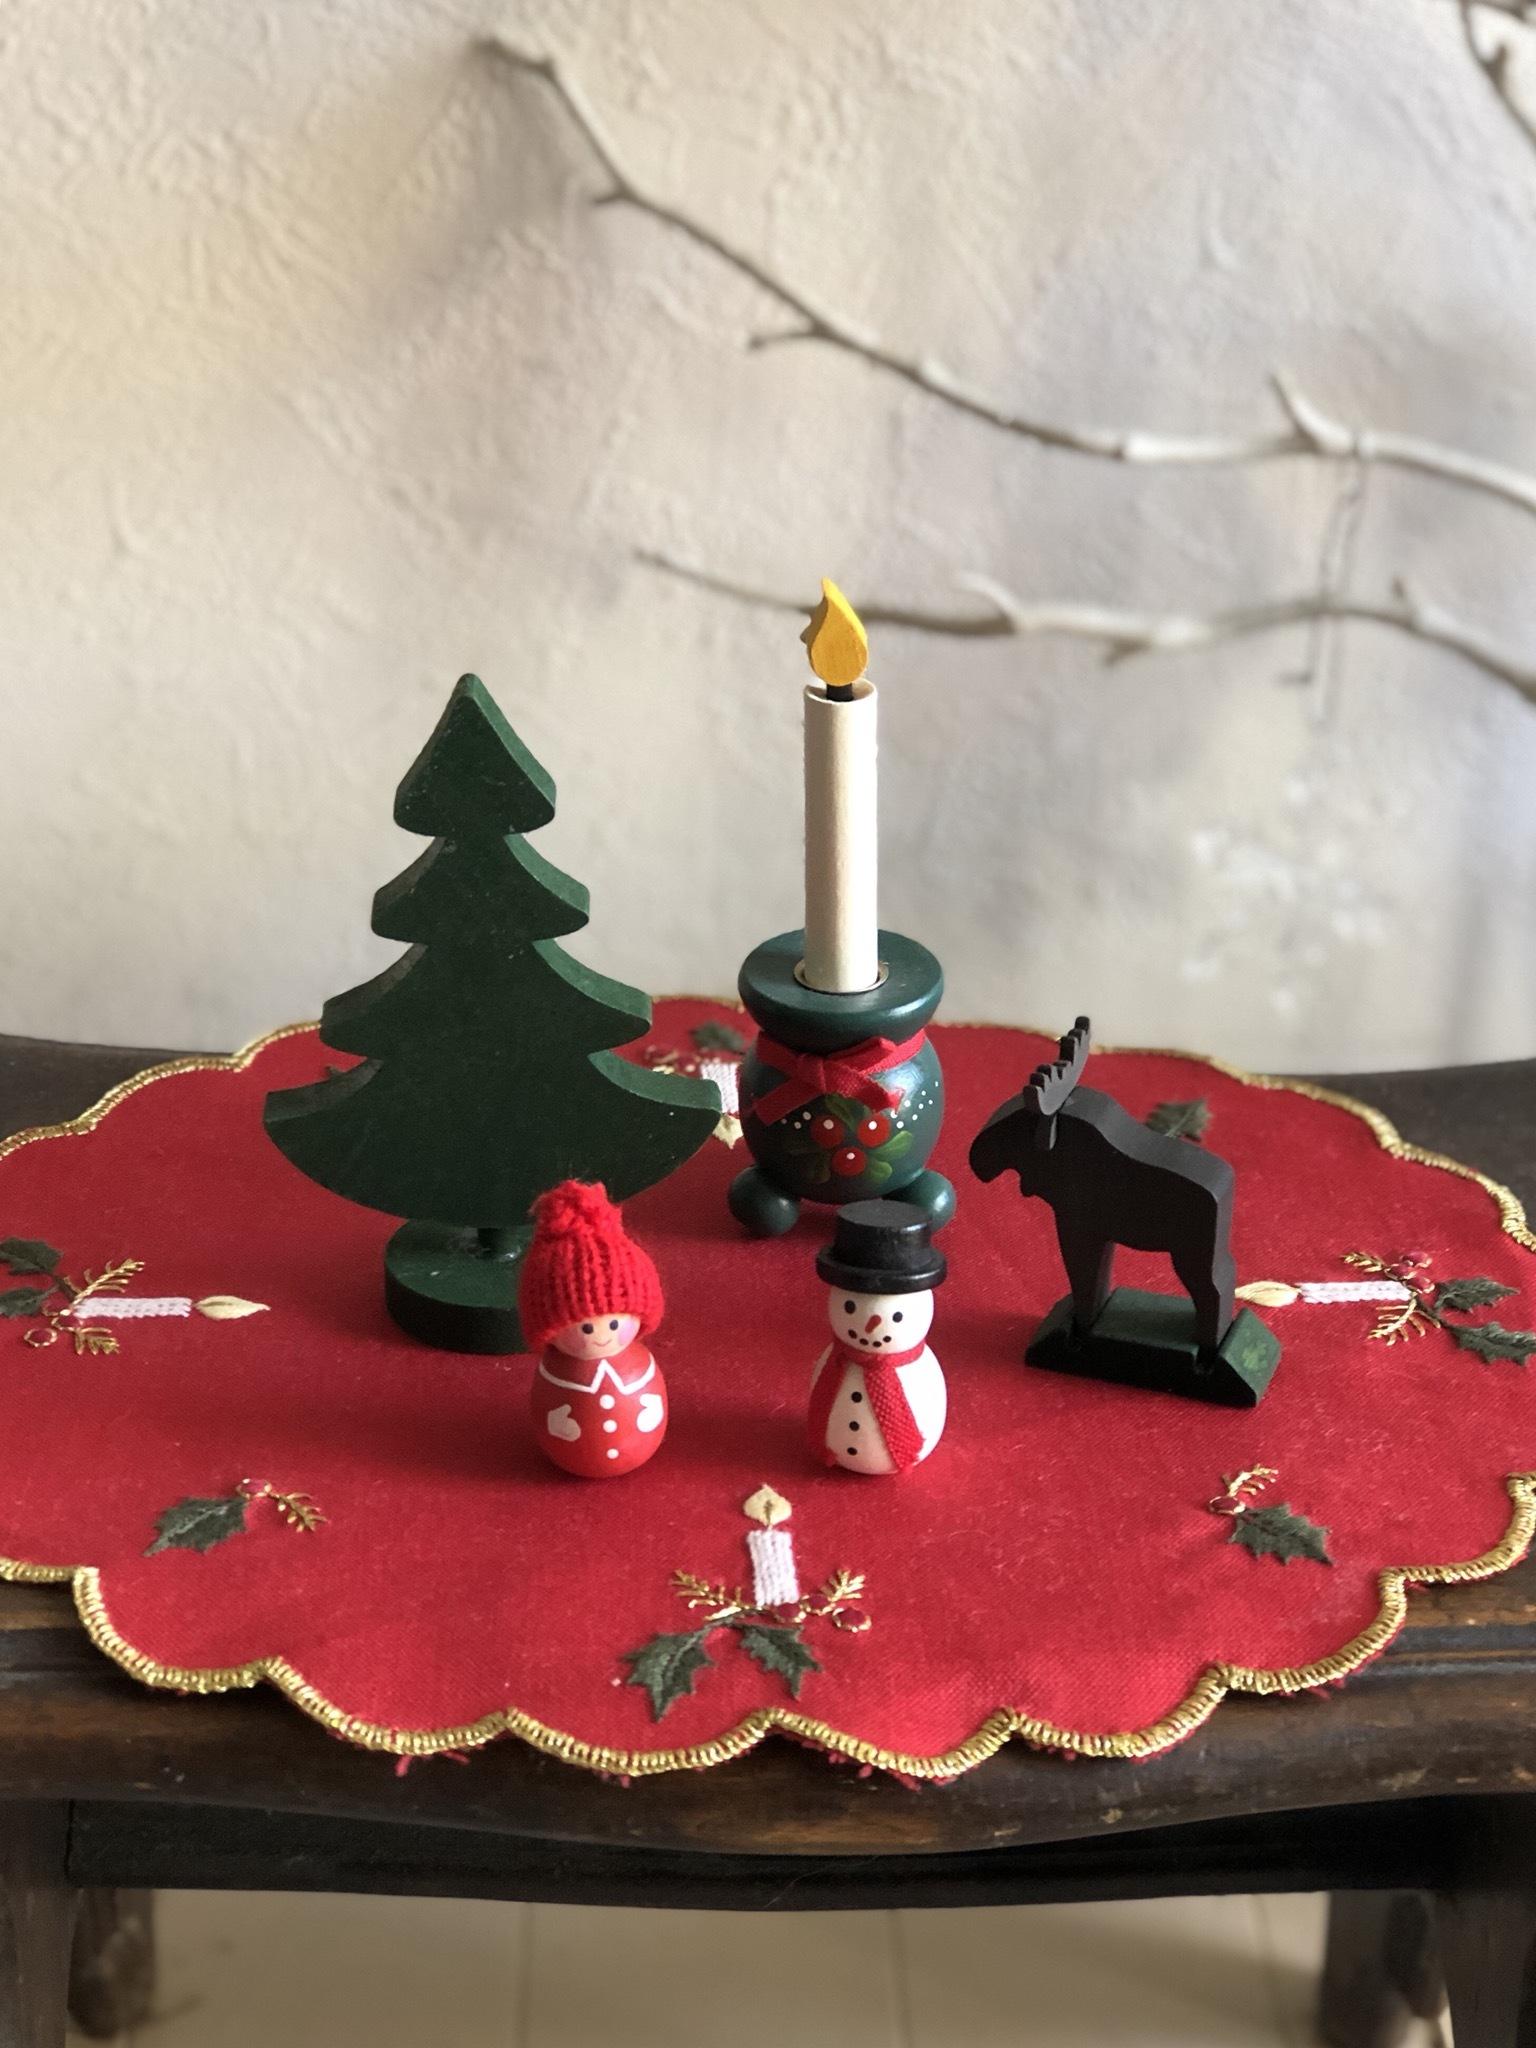 メリークリスマス!_a0157409_00203411.jpeg